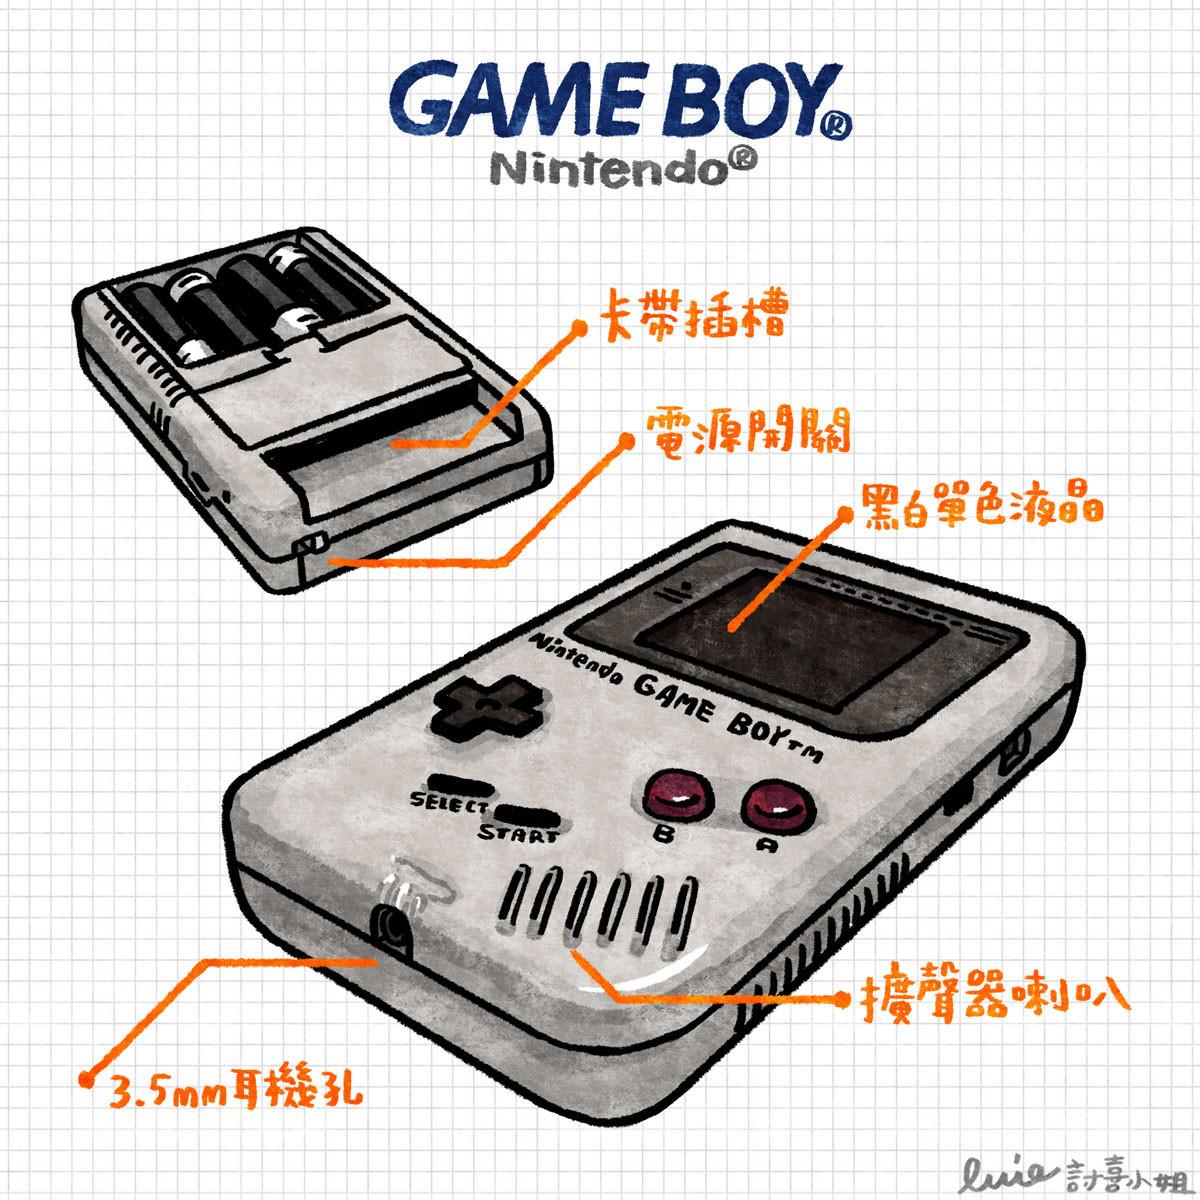 [經典技研堂]掌中世界的美好時光:人人都愛的Gameboy遊戲機 (106091) - 癮科技 Cool3c